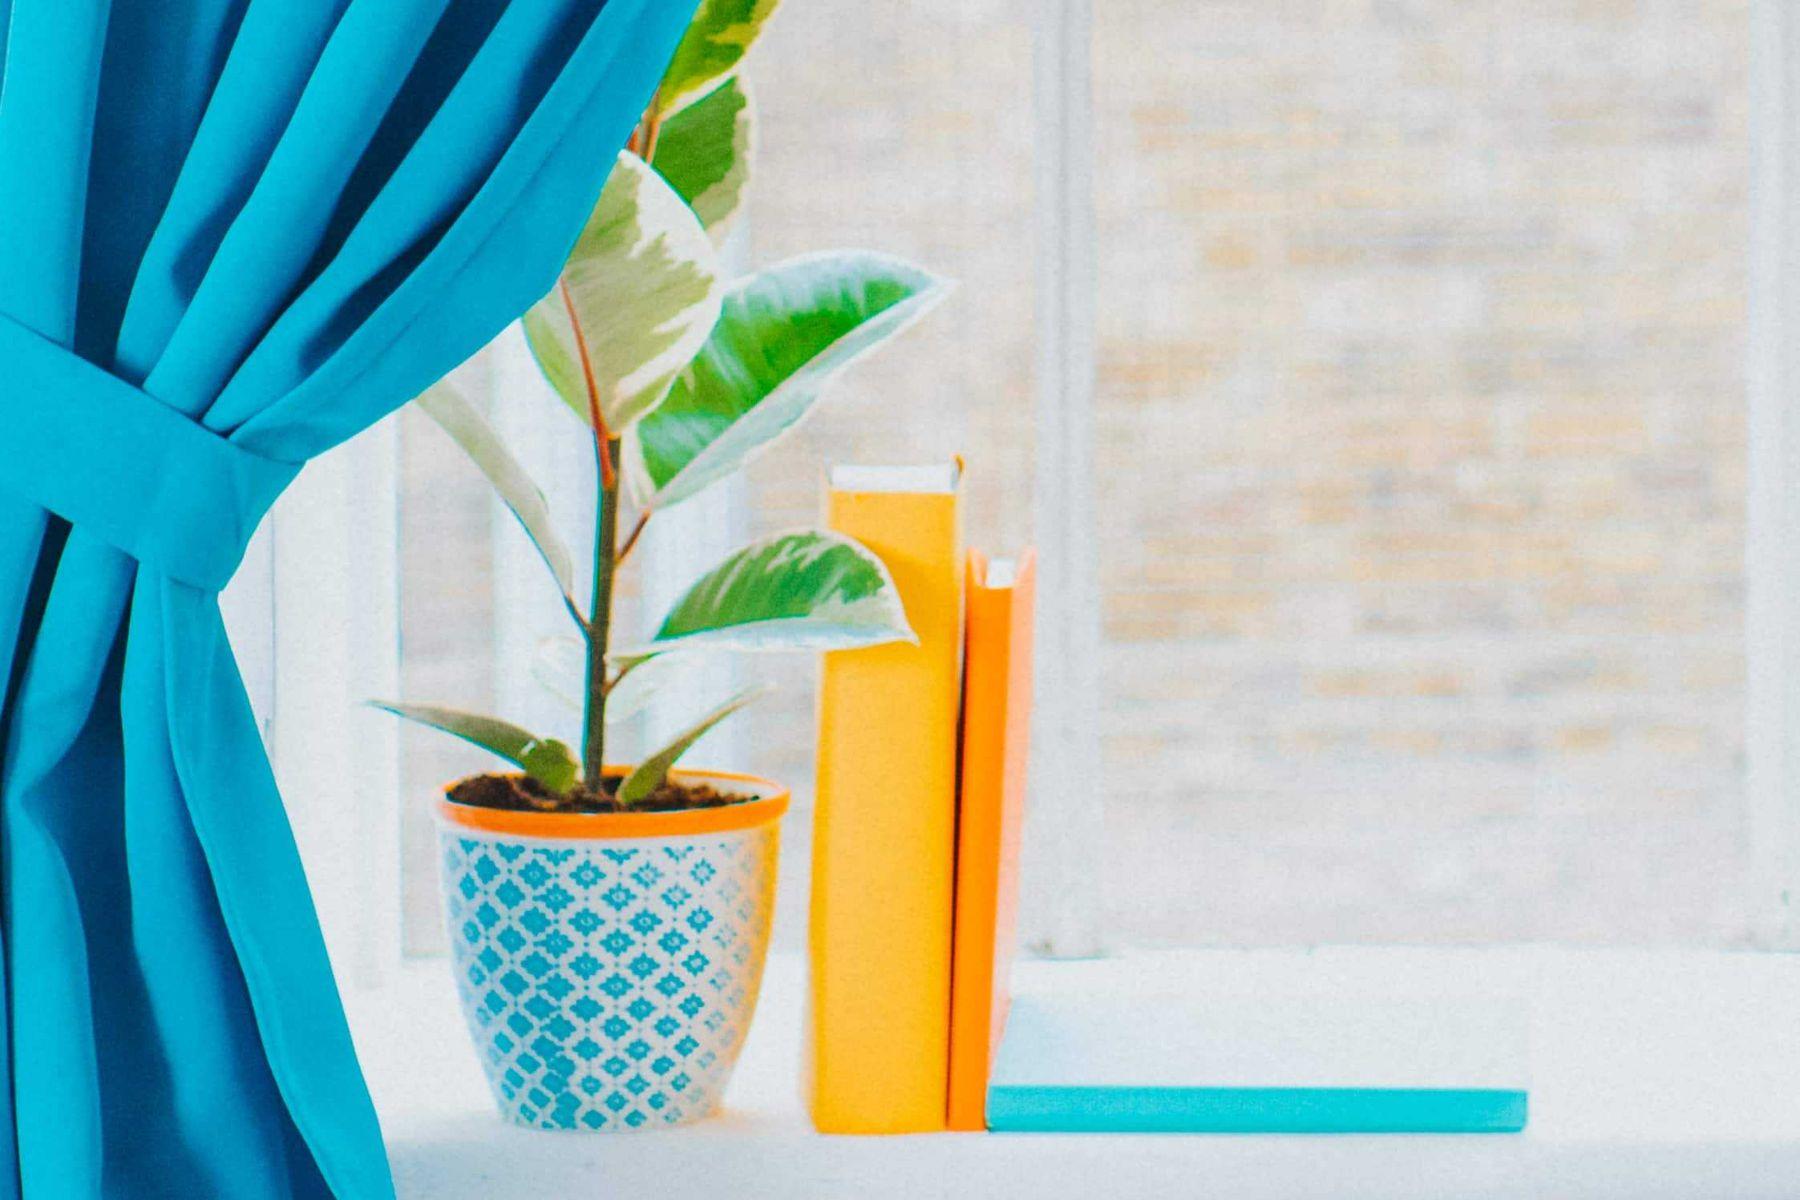 cortina-azul-cobrindo-parcialmente-janela-com-vaso-e-livros